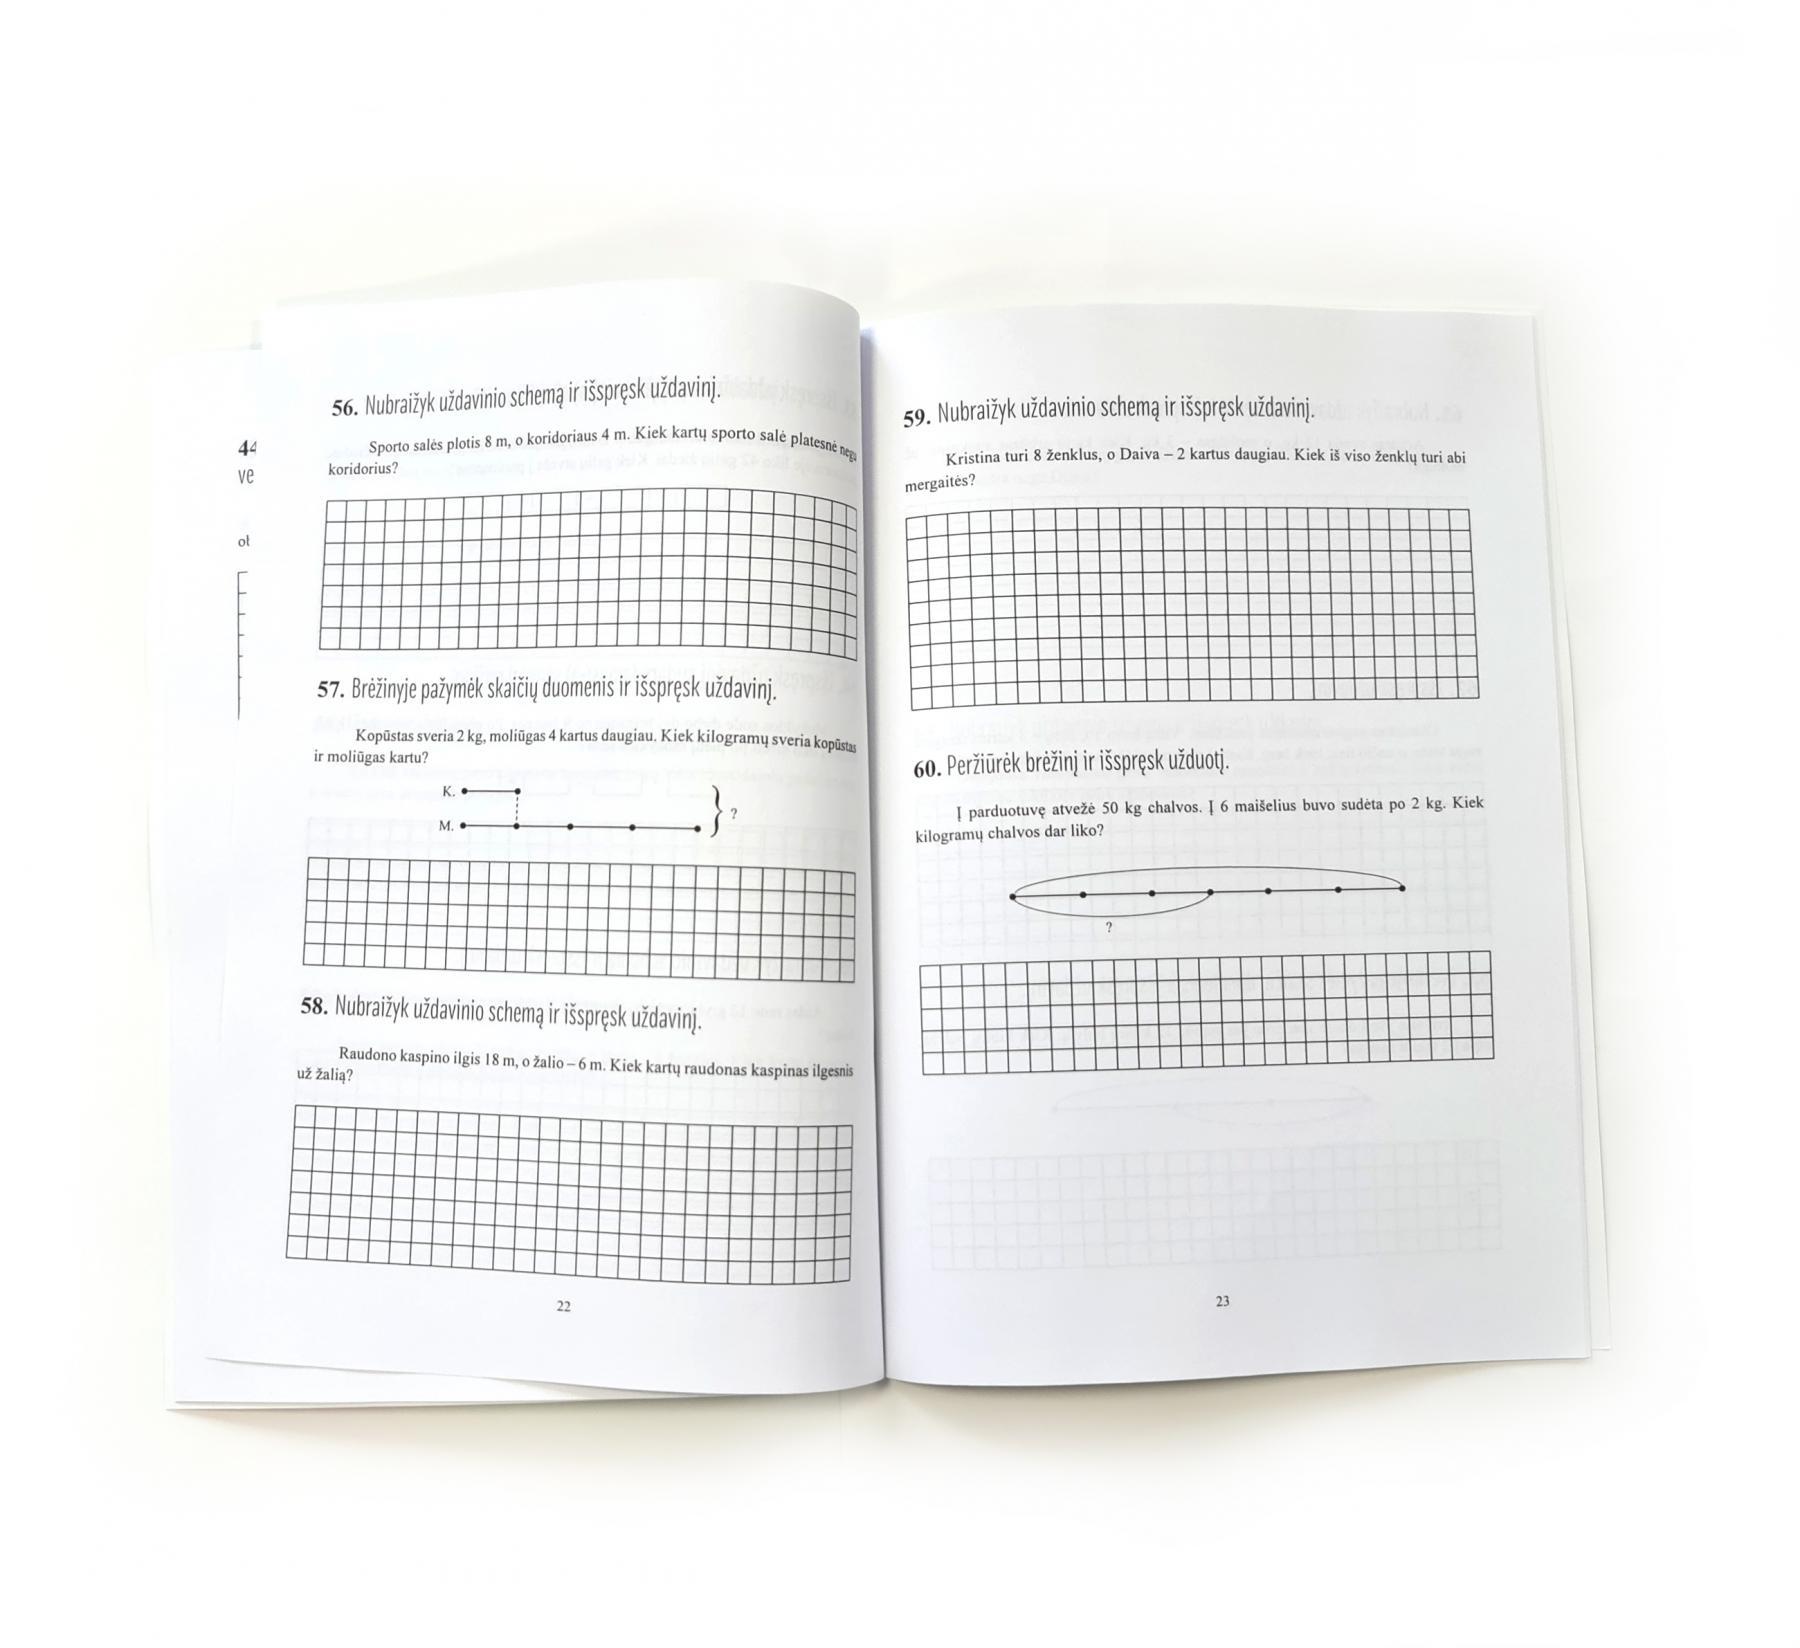 Matematika. Tekstiniai uždaviniai. 2 klasė II dalis. Daugyba ir dalyba   Reda Jaseliūnienė